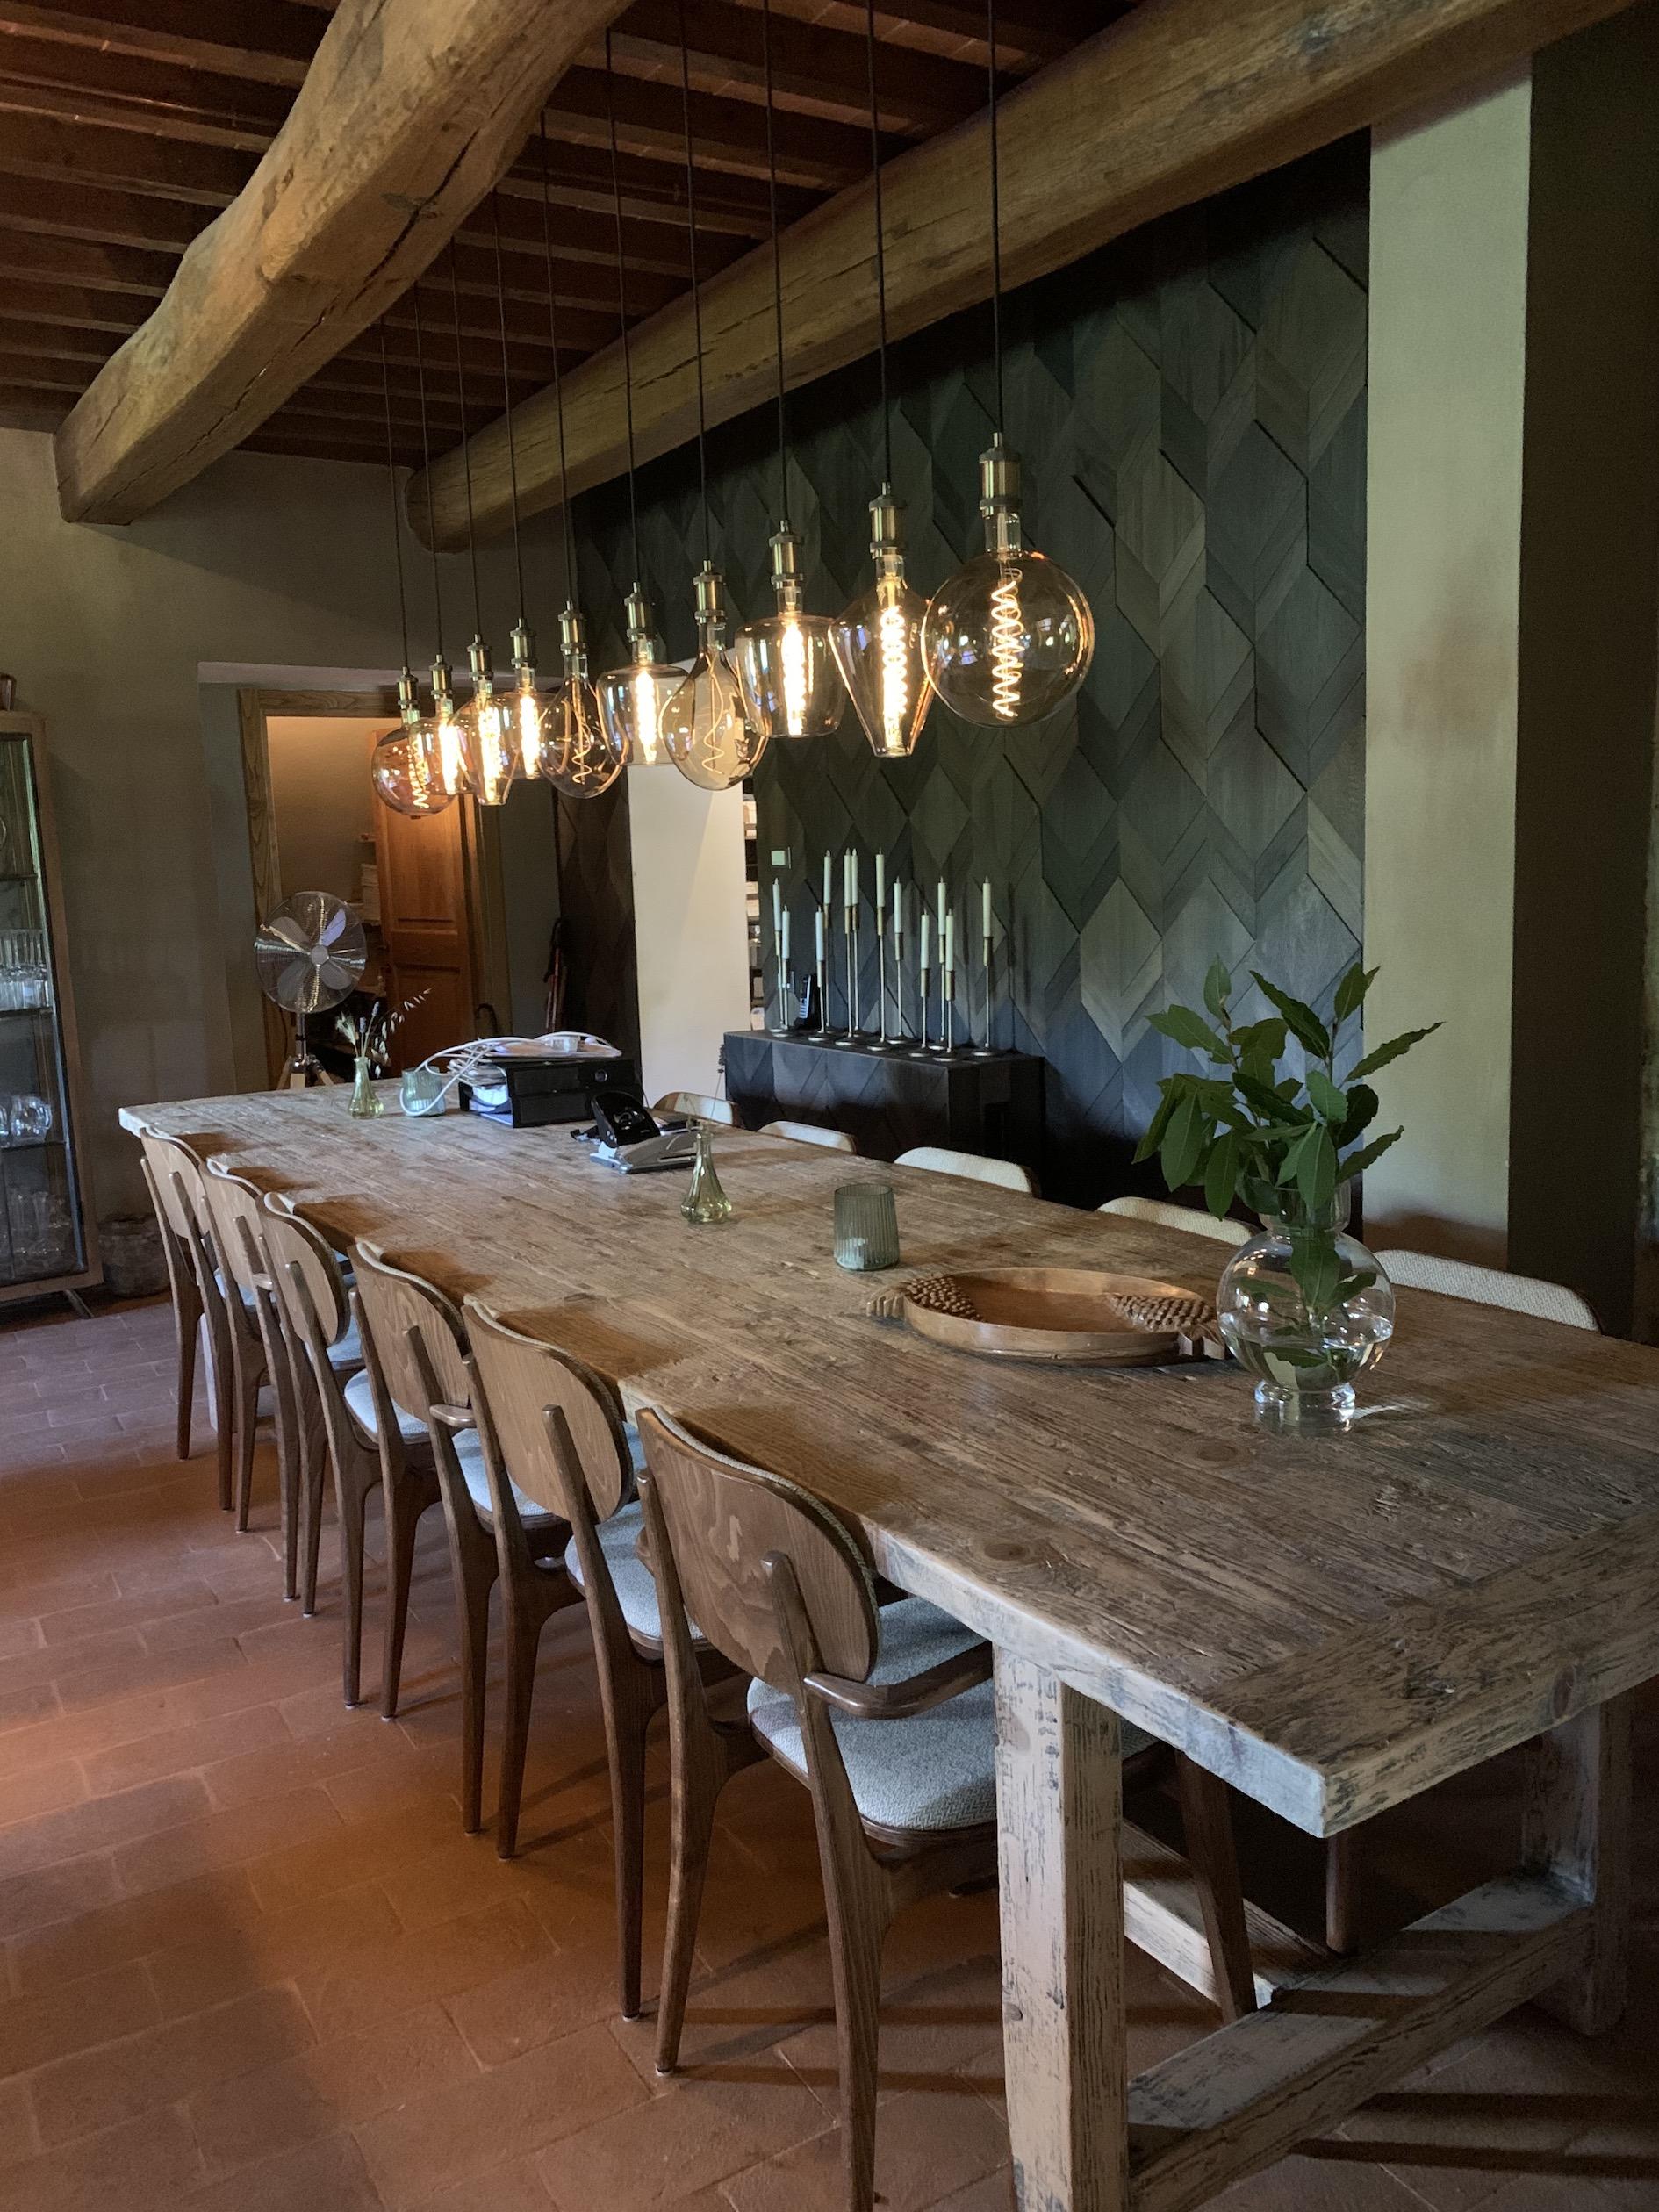 borgo-castello-panicaglia-lustforthesublime-umbria-italy